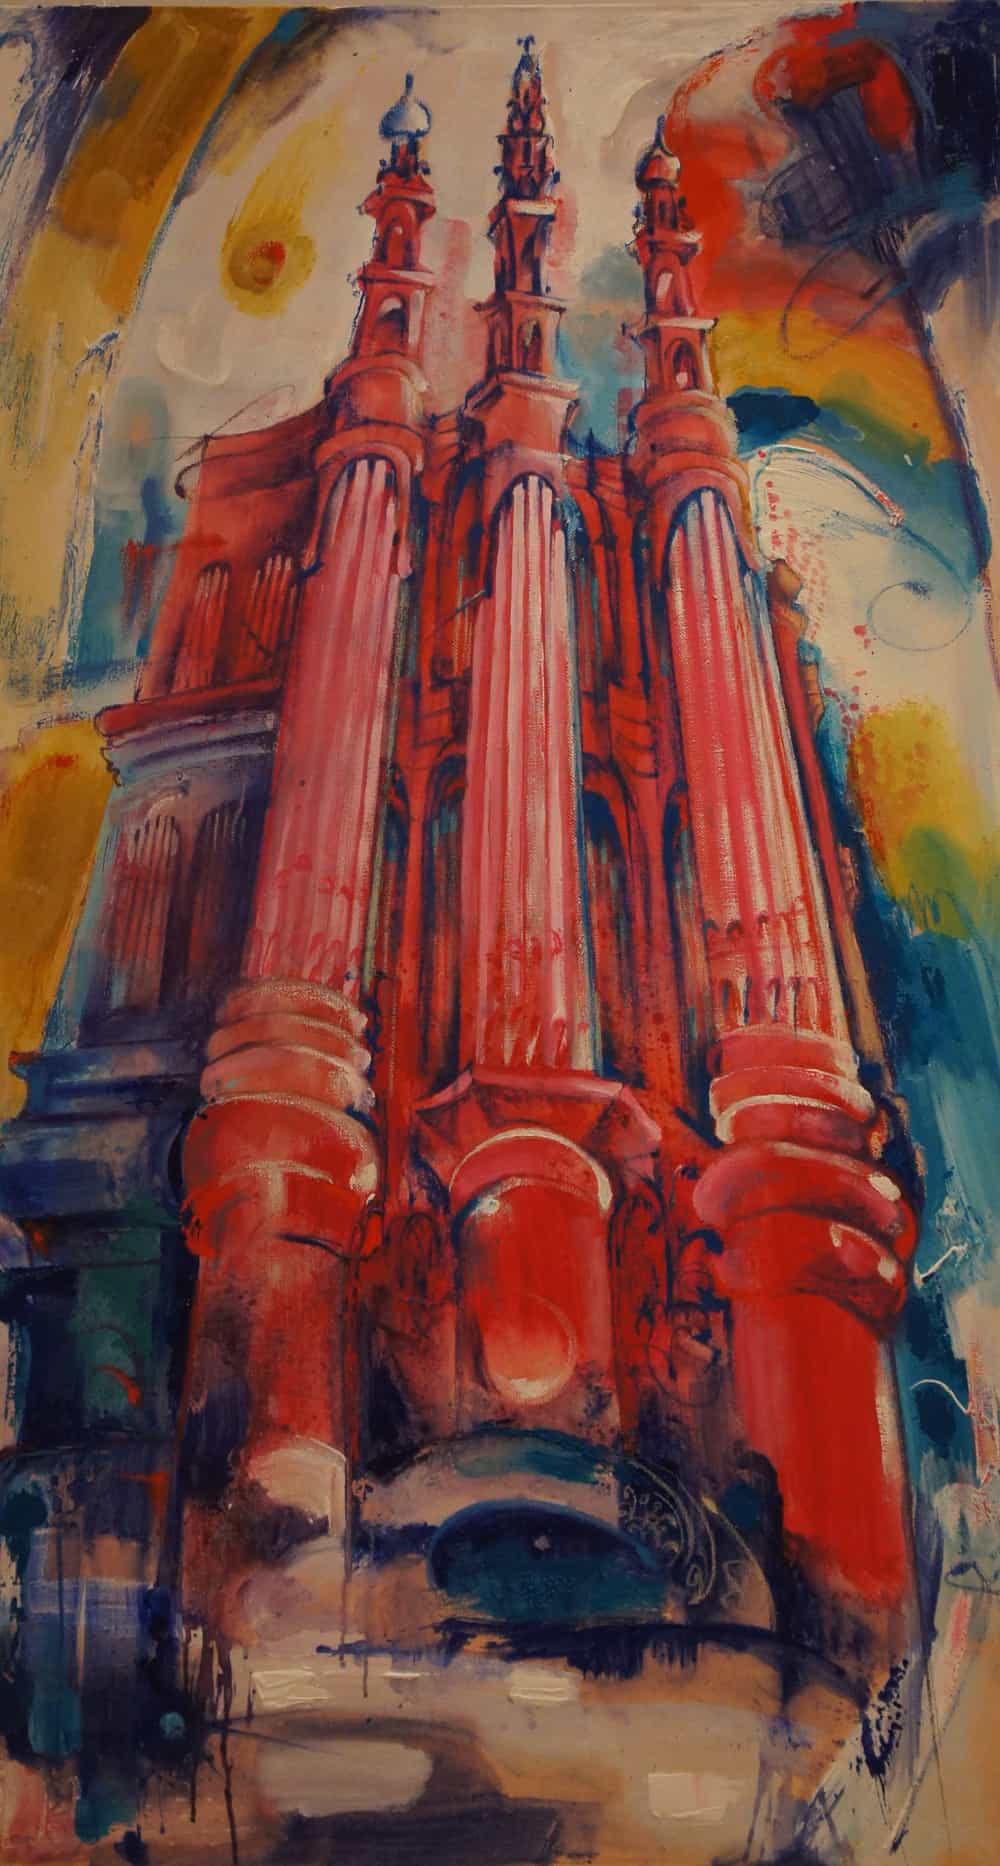 Алла Власенко. Концерт органной музыки. 2011